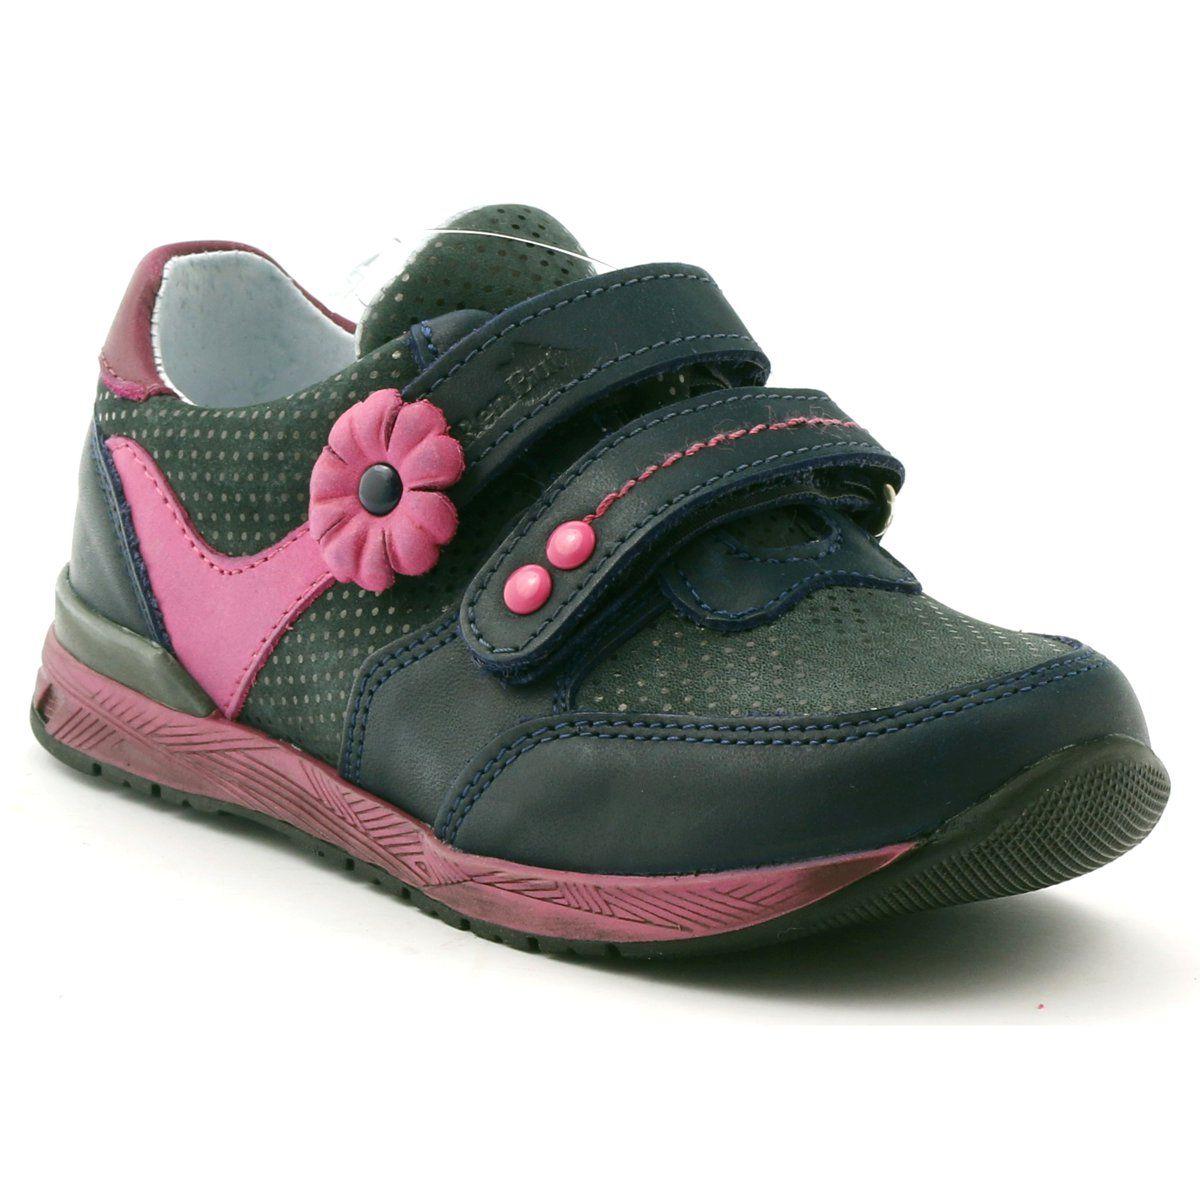 Polbuty I Trzewiki Dzieciece Dla Dzieci Renbut Rozowe Inne Szare Polbuty Dziewczece Kwiatek Ren But 3265 Baby Shoes Sneakers Fashion